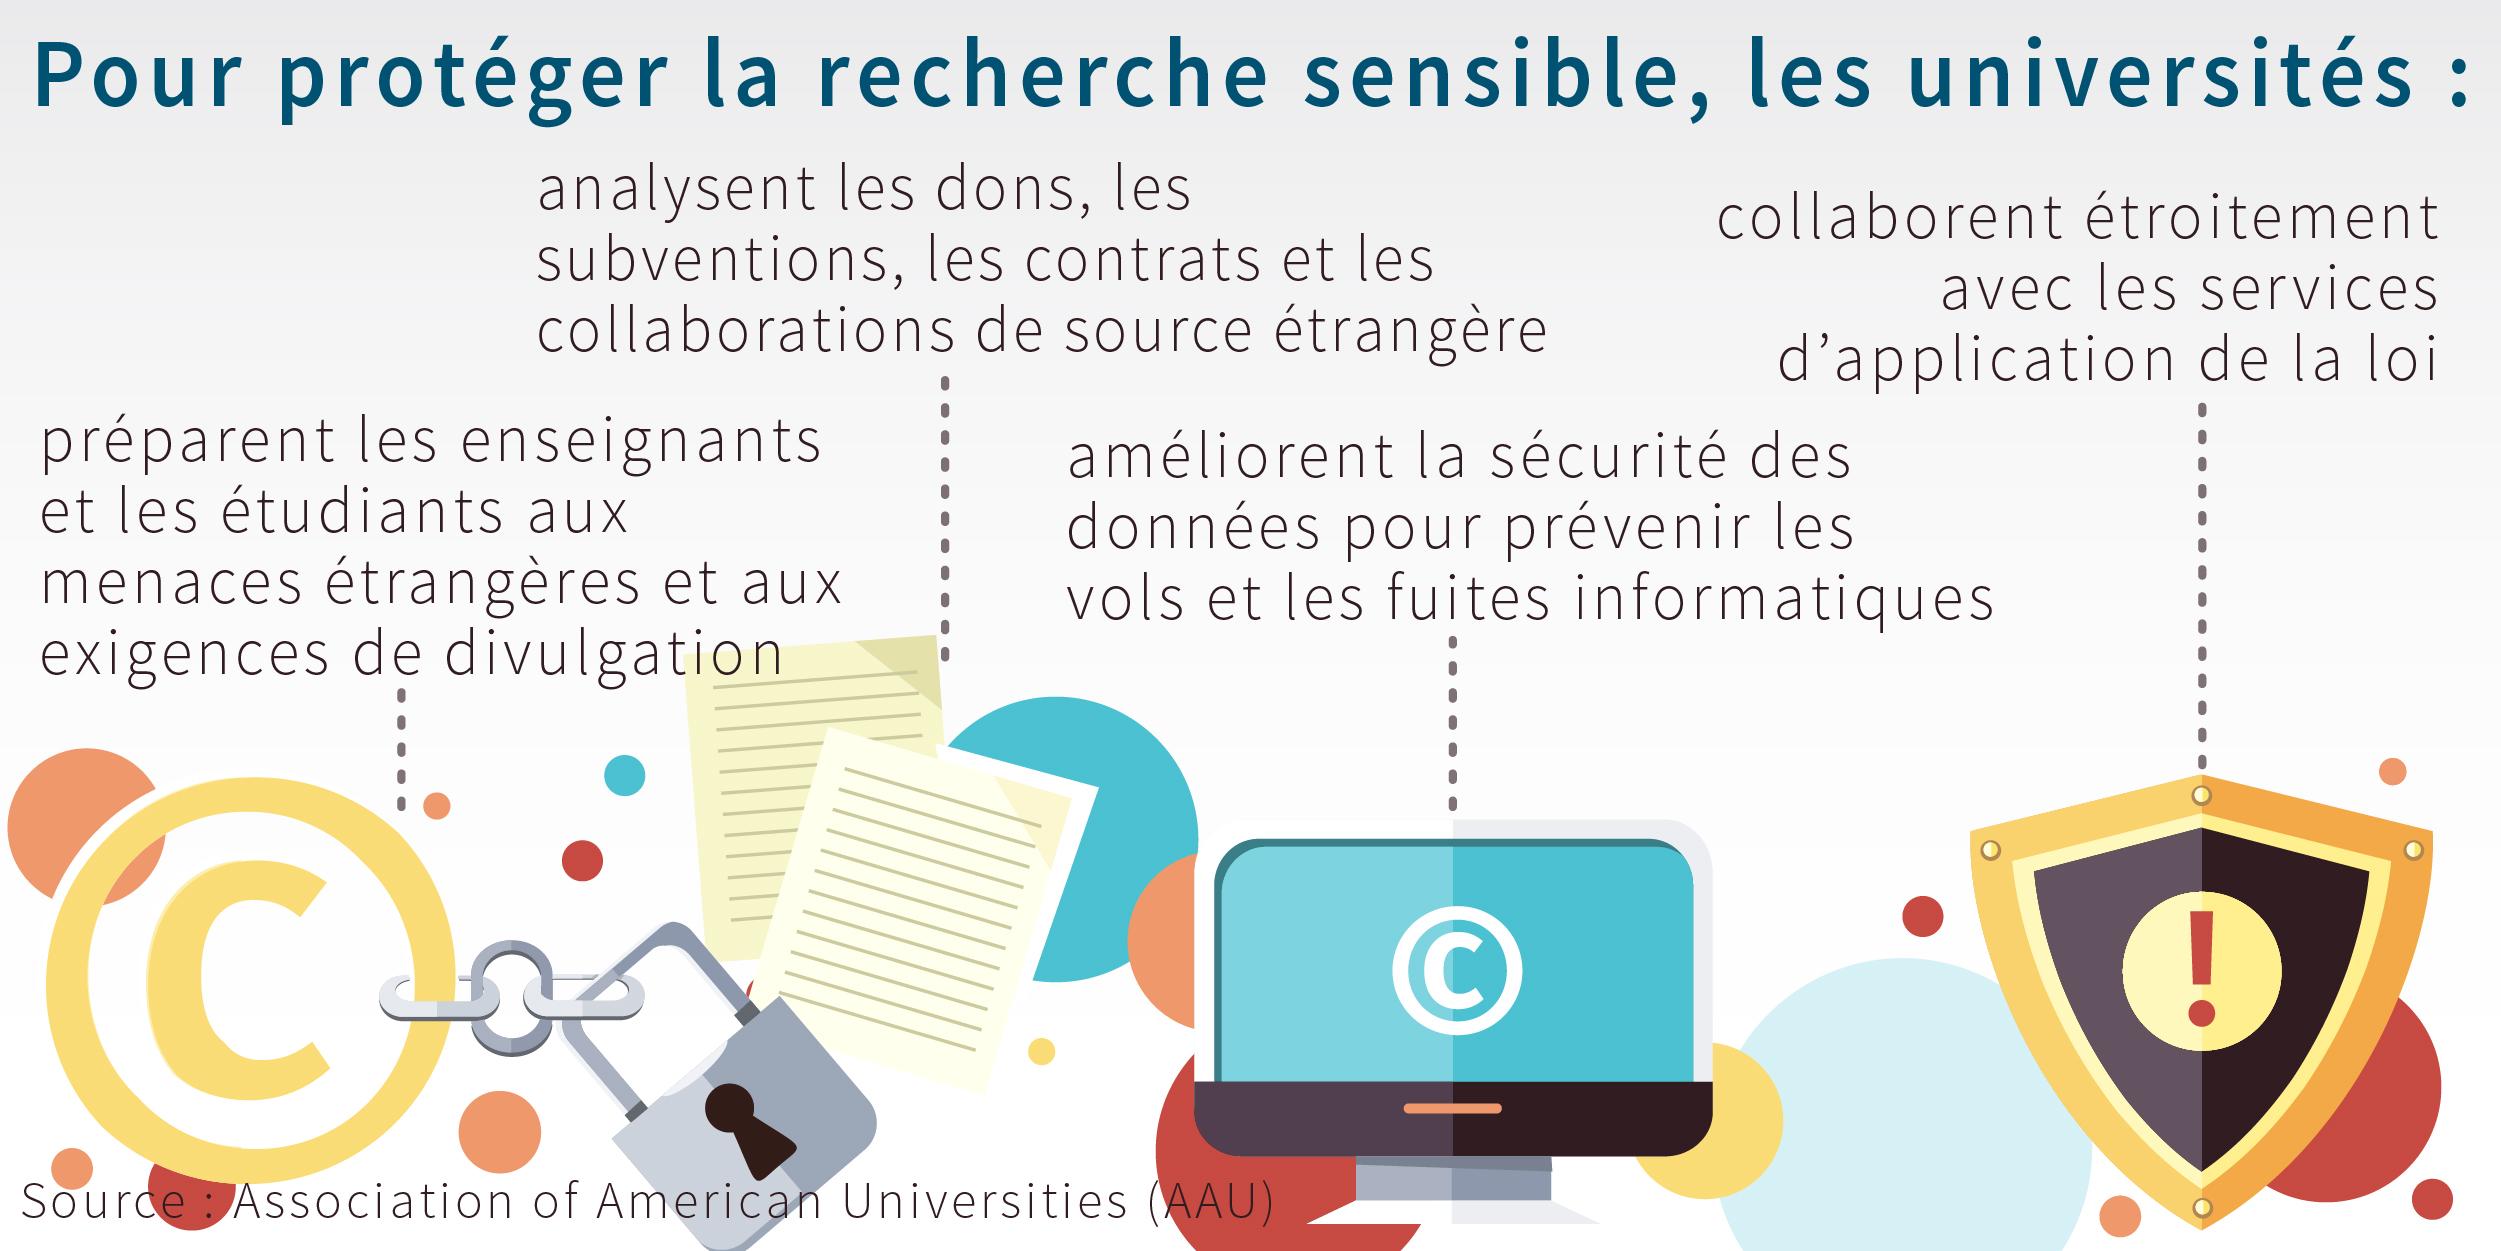 Infographie détaillant les mesures prises par les universités pour protéger leurs travaux de recherche sensibles (AAU)